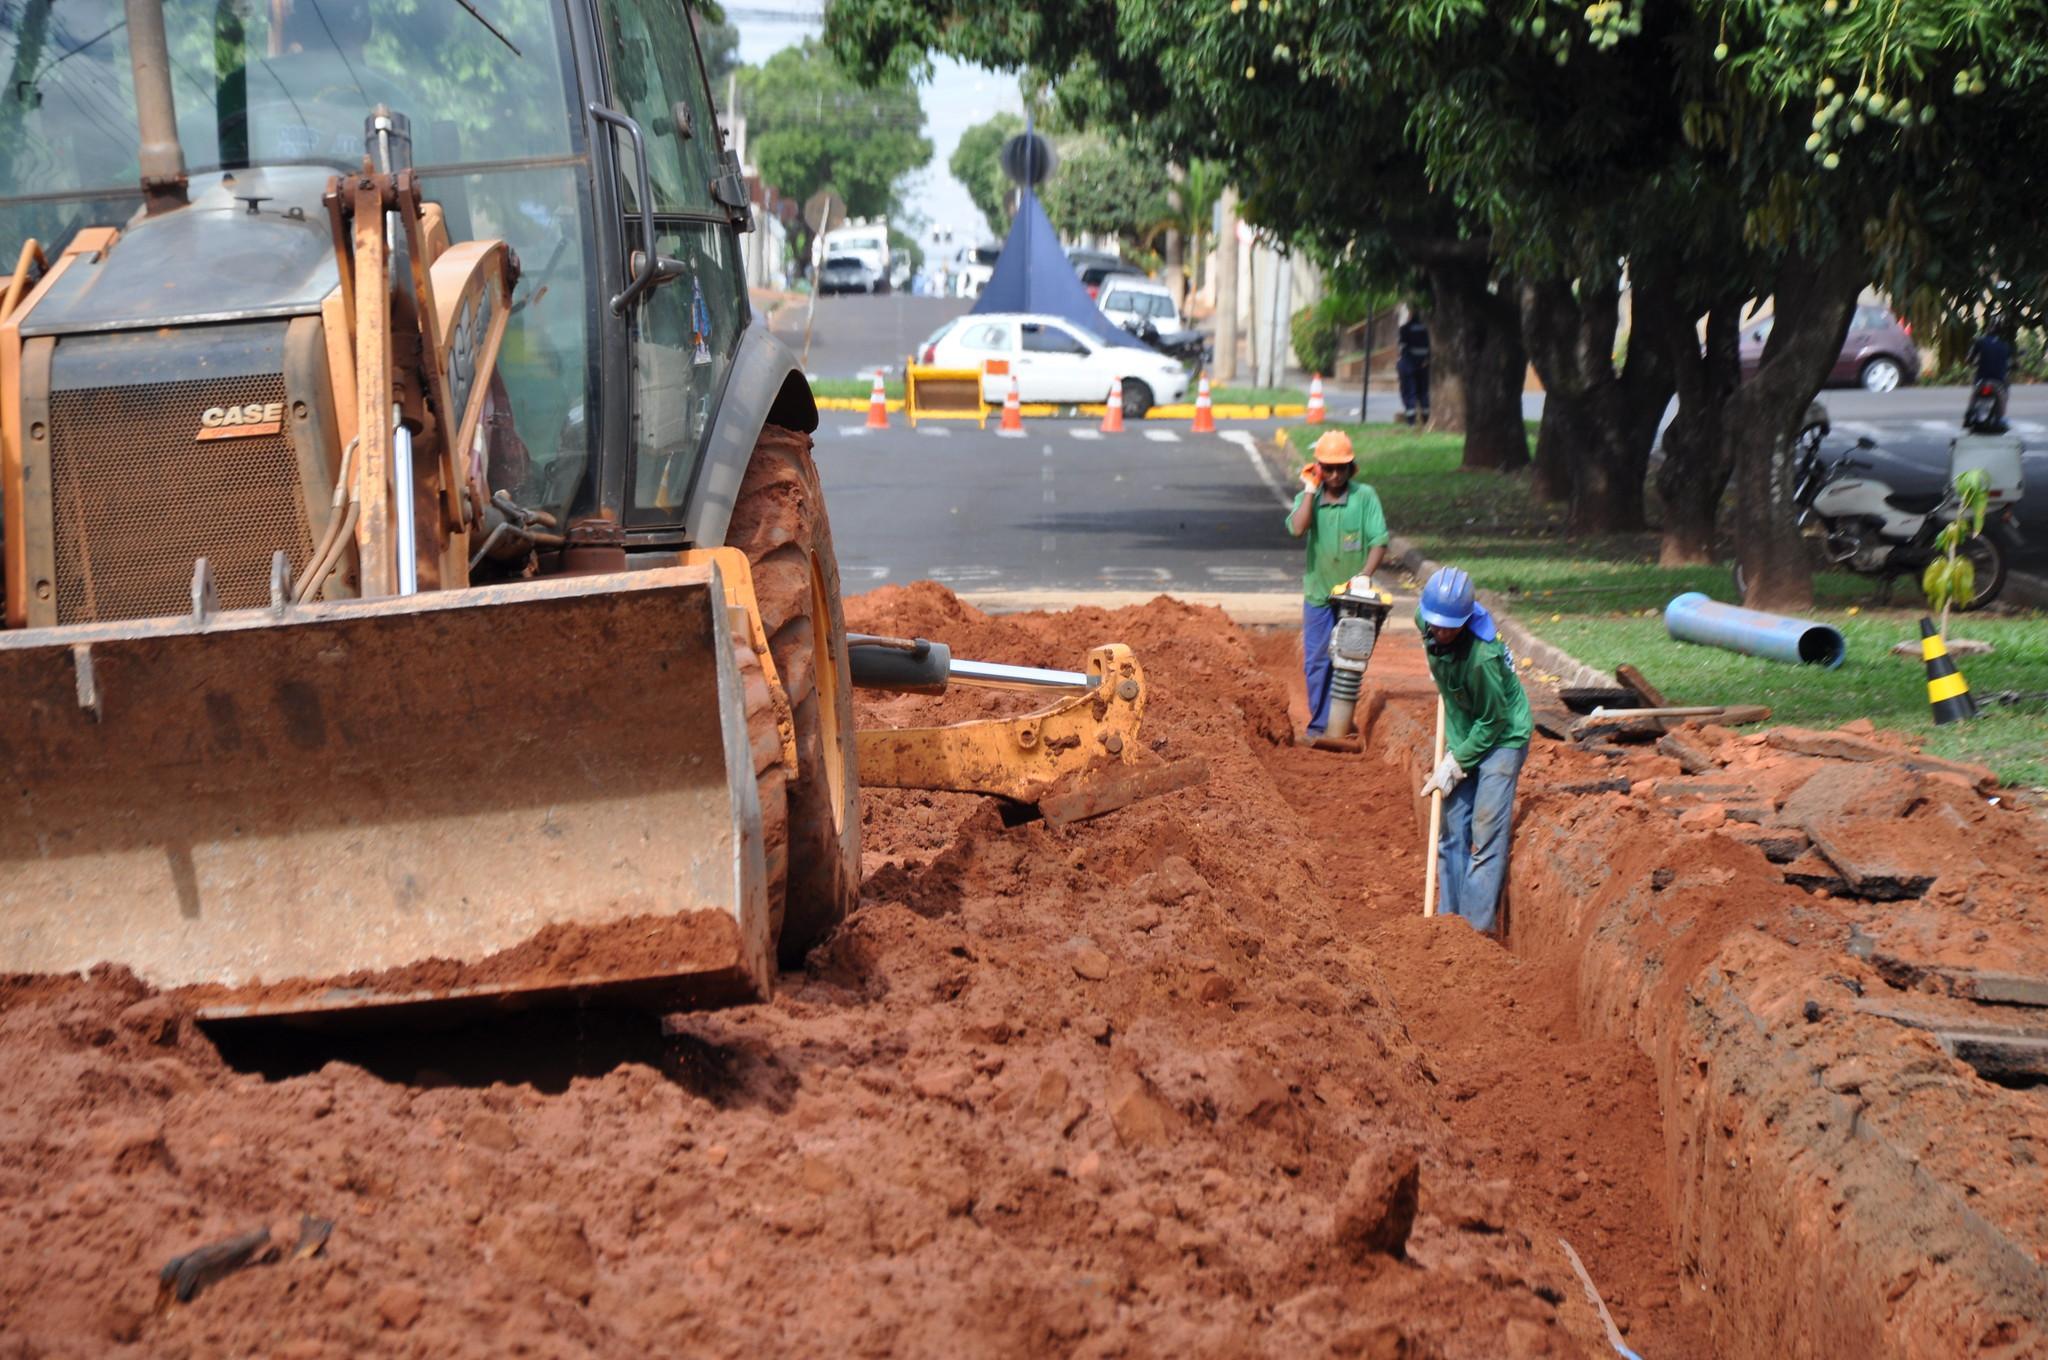 Entrega da ampliação do sistema de abastecimento de água em bairros da Região Oeste será nesta sexta-feira